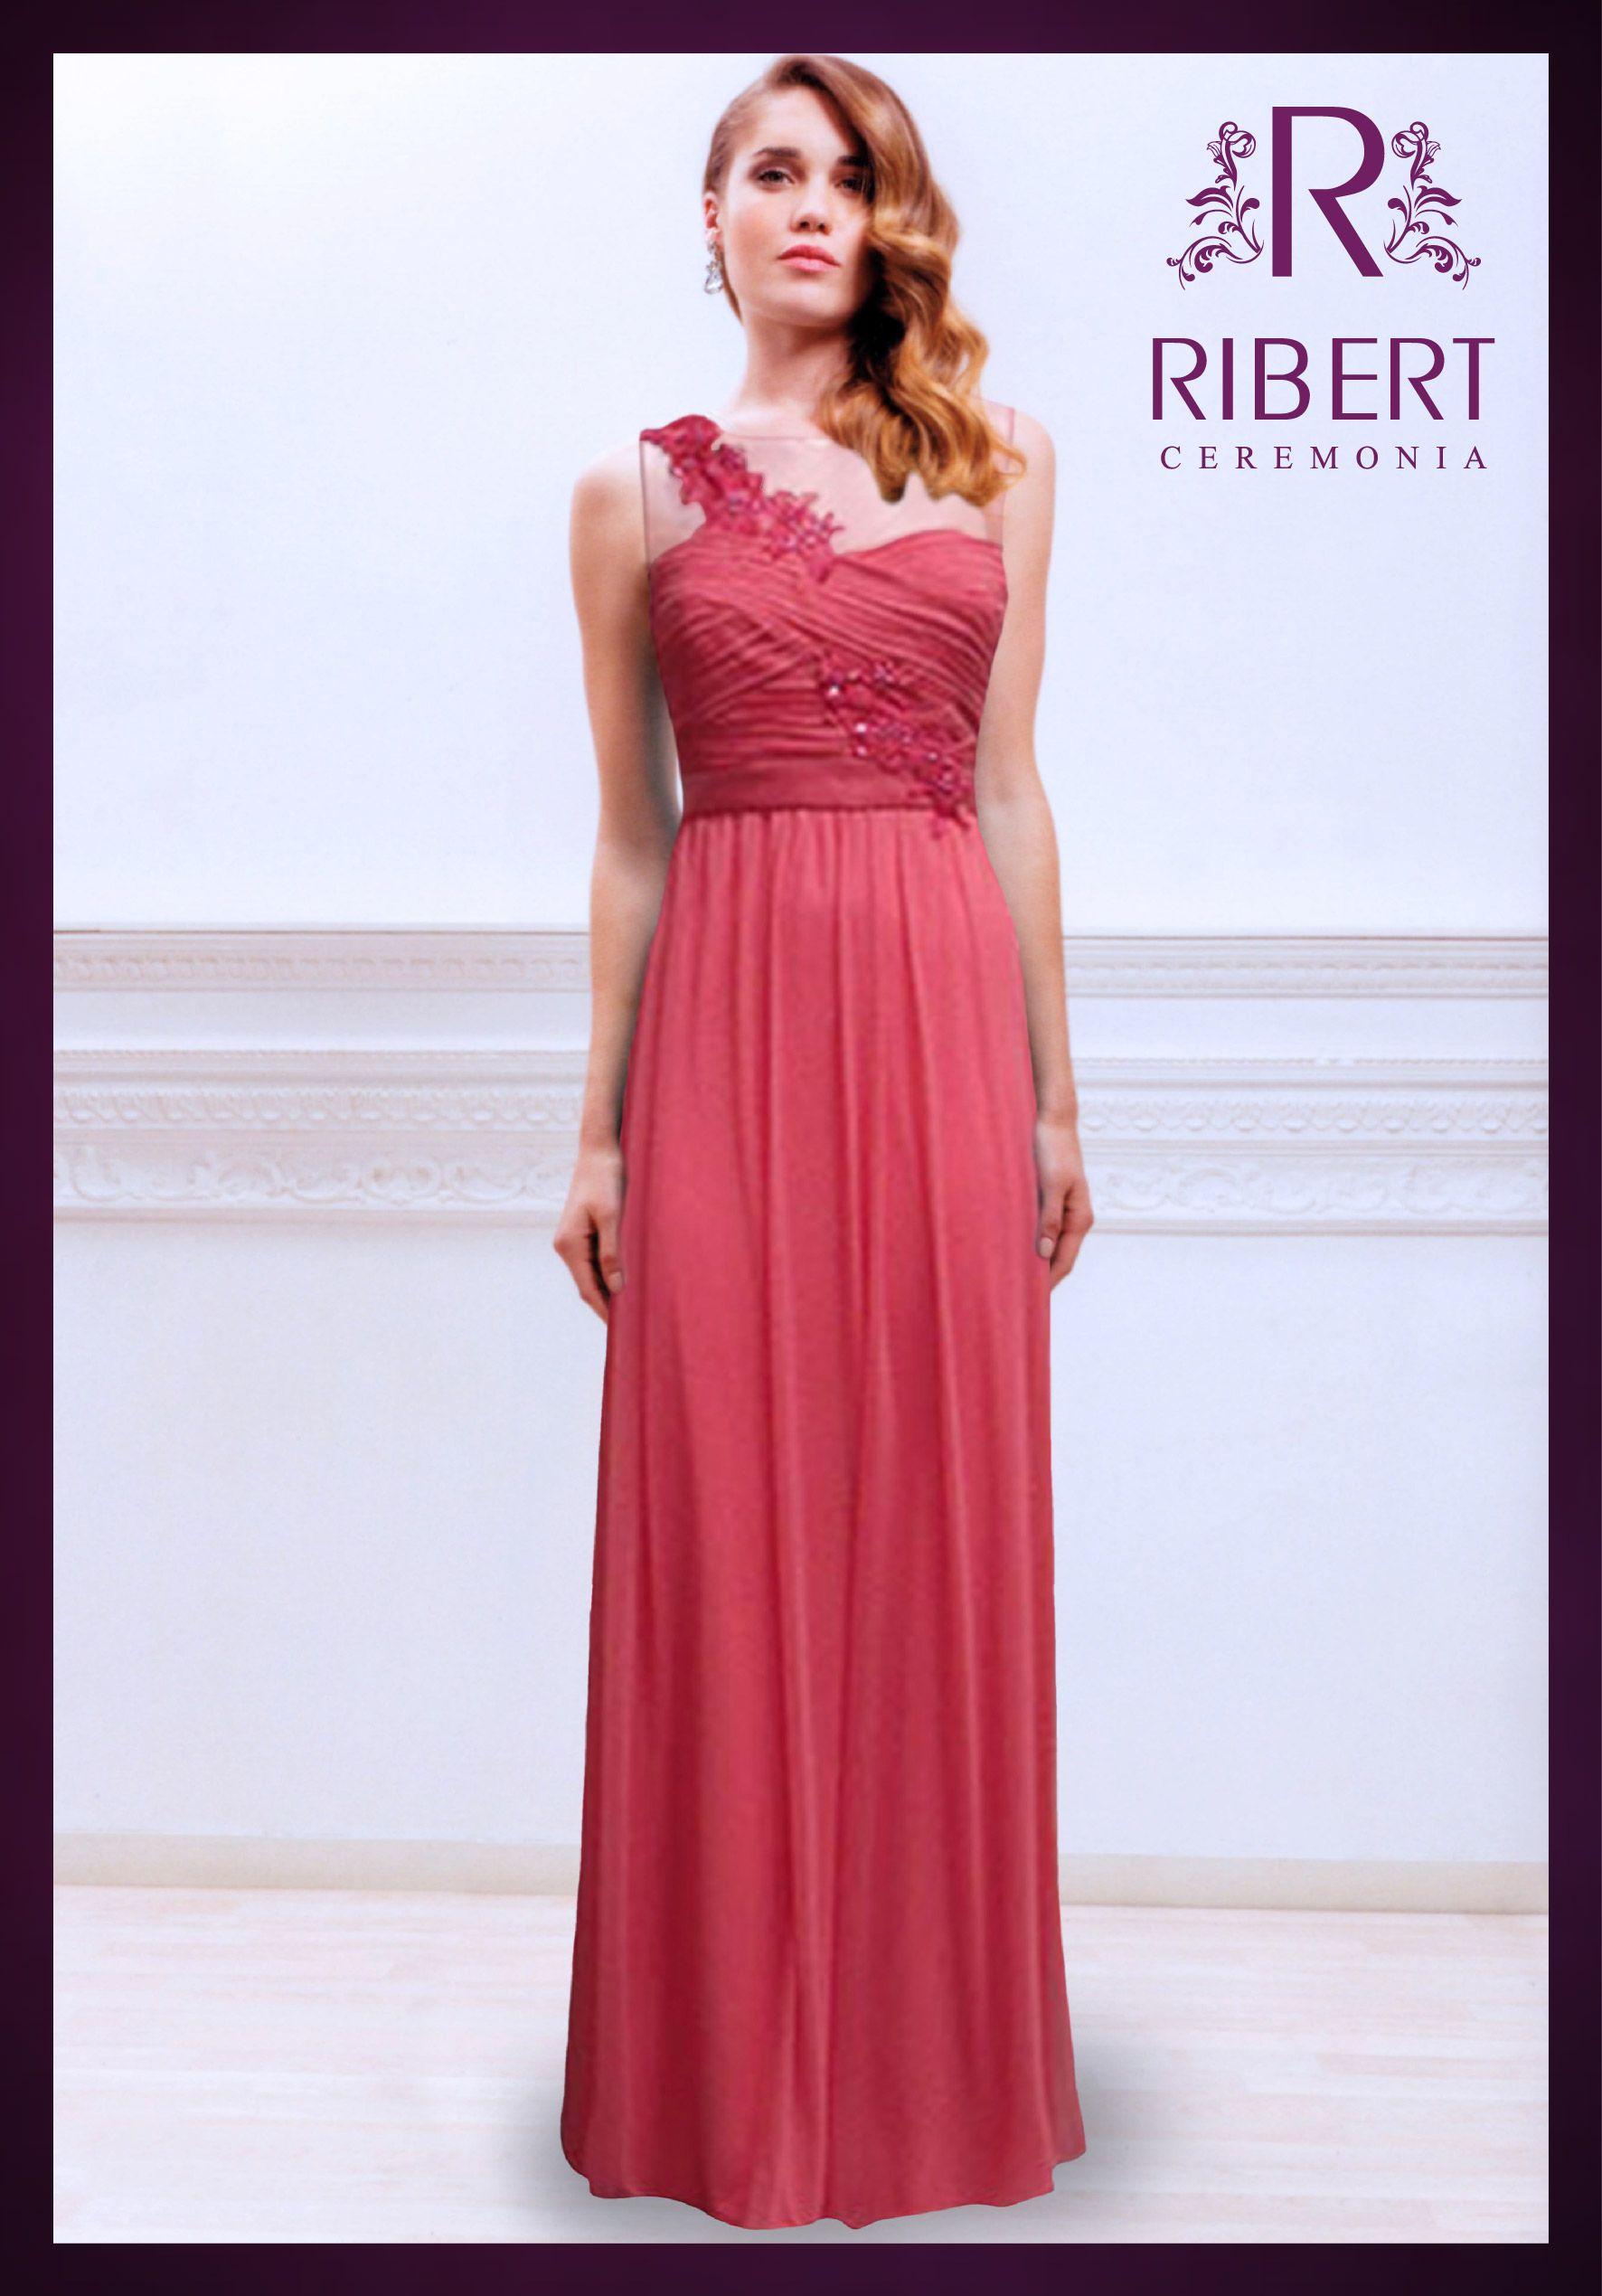 Coleccion ´15 De fiesta ceremonia boda vestidos imposicion P0qRz1Pw